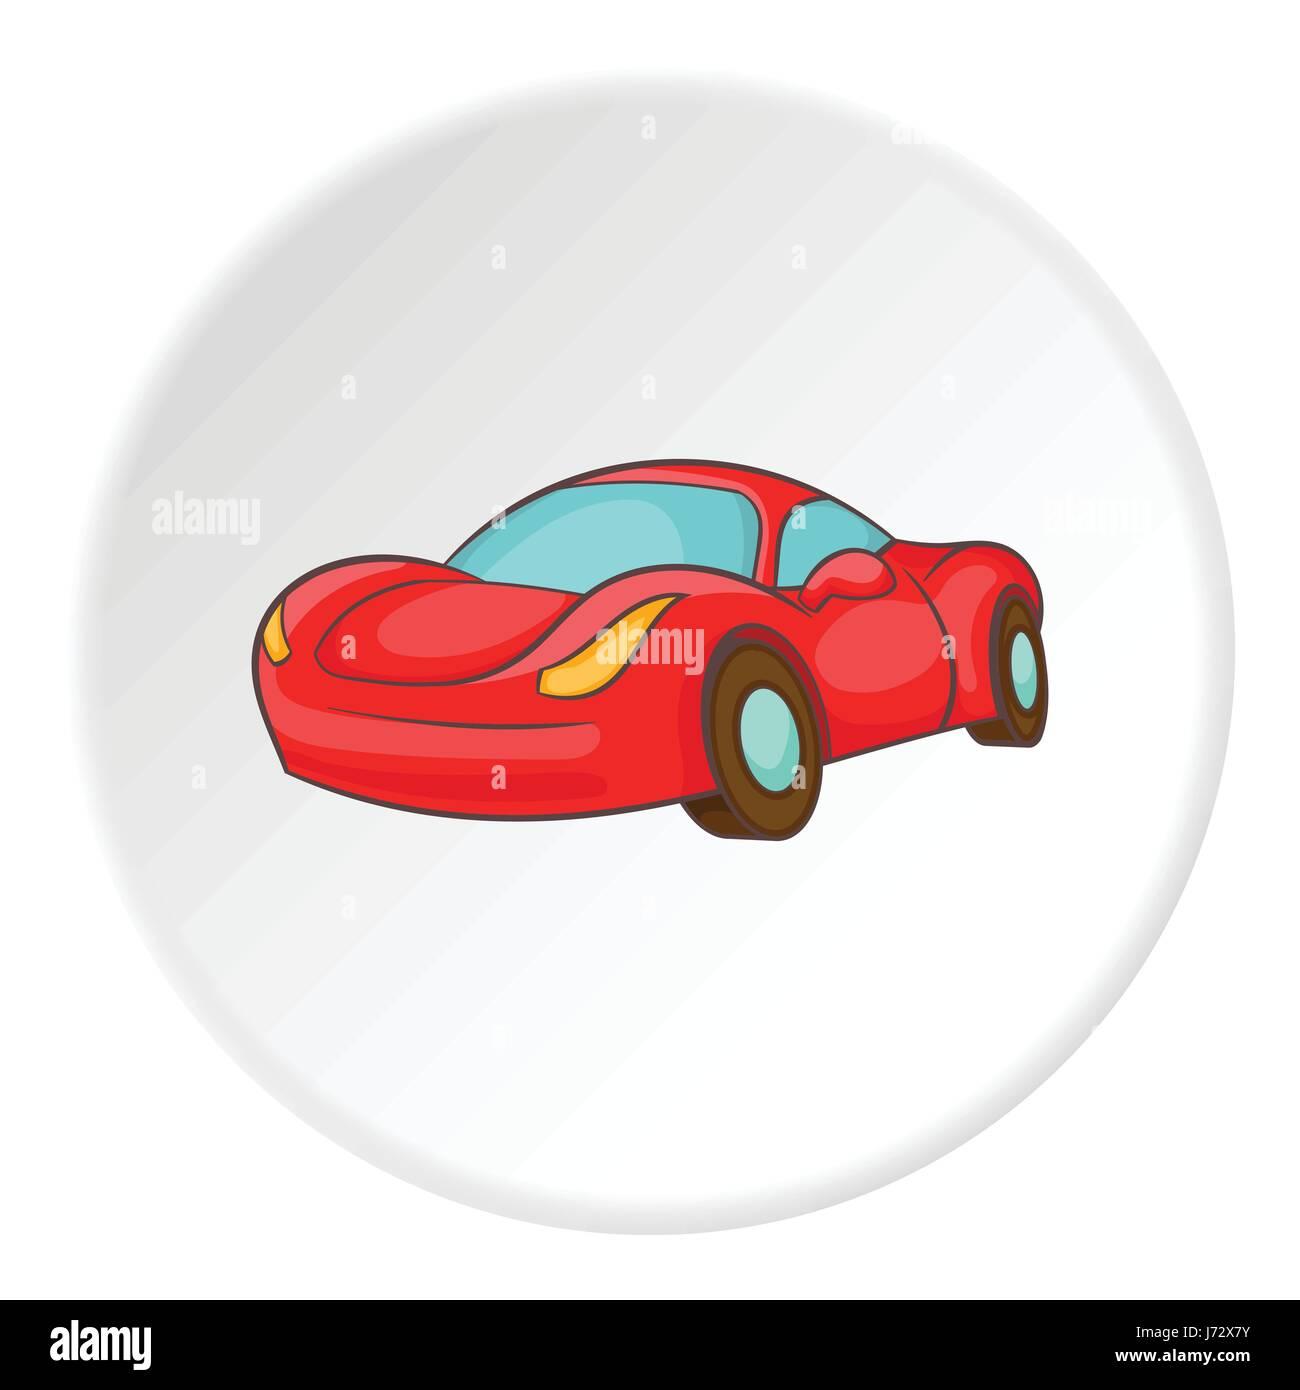 Icono De Autos De Carrera Estilo De Dibujos Animados Ilustracion